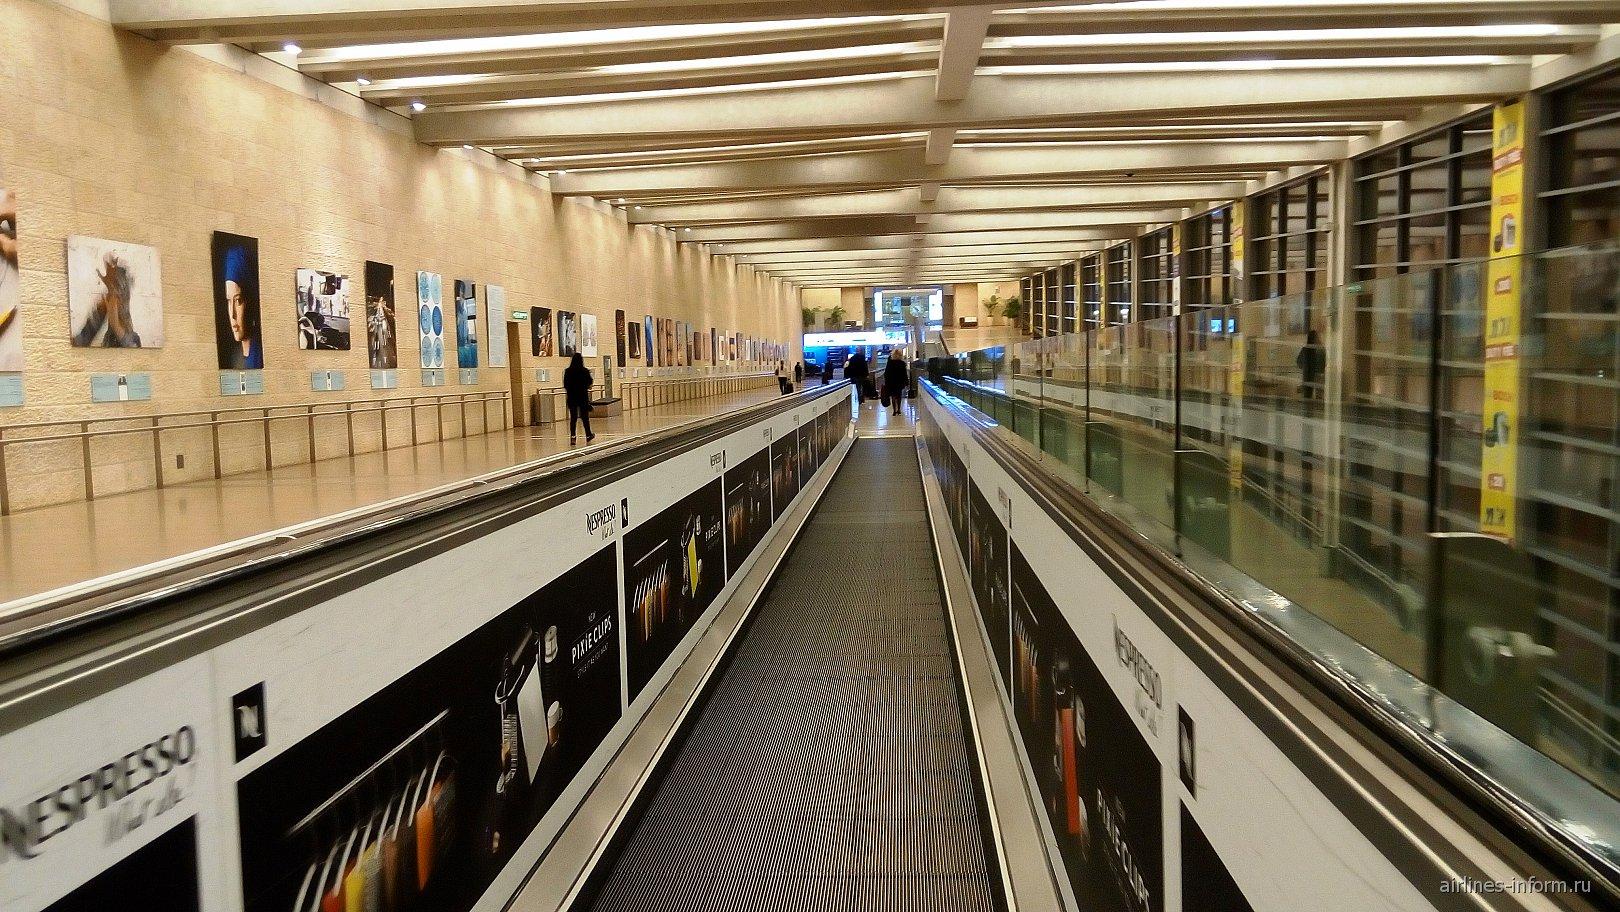 Переход к паспортному контролю в аэропорту Тель-Авив Бен Гурион